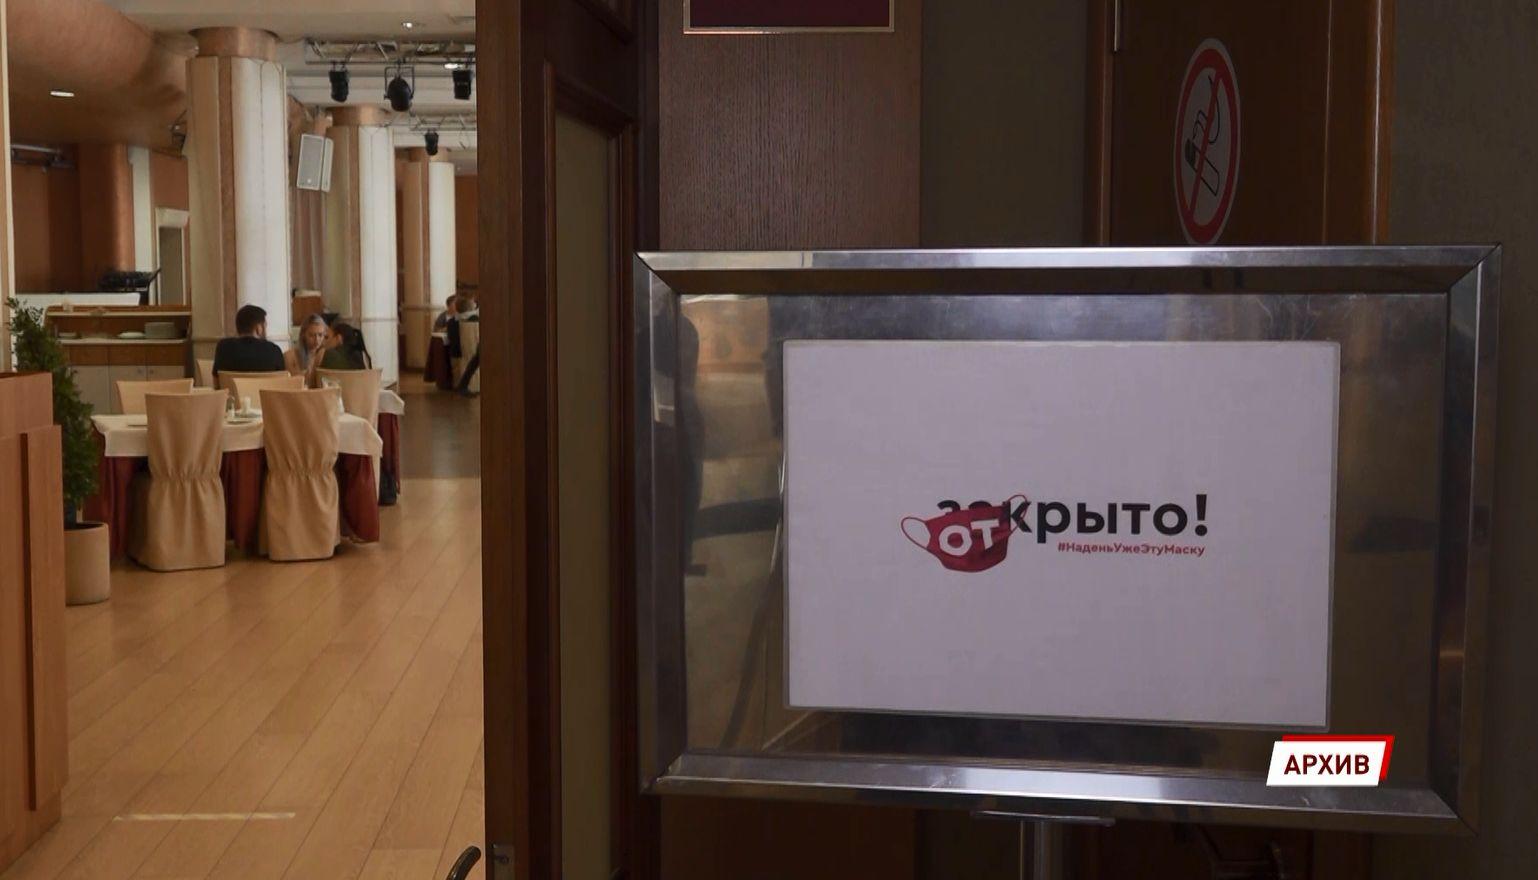 Из-за ухудшения эпидемической ситуации правительство Ярославской области готовит соответствующие документы по ужесточению ограничительных мер